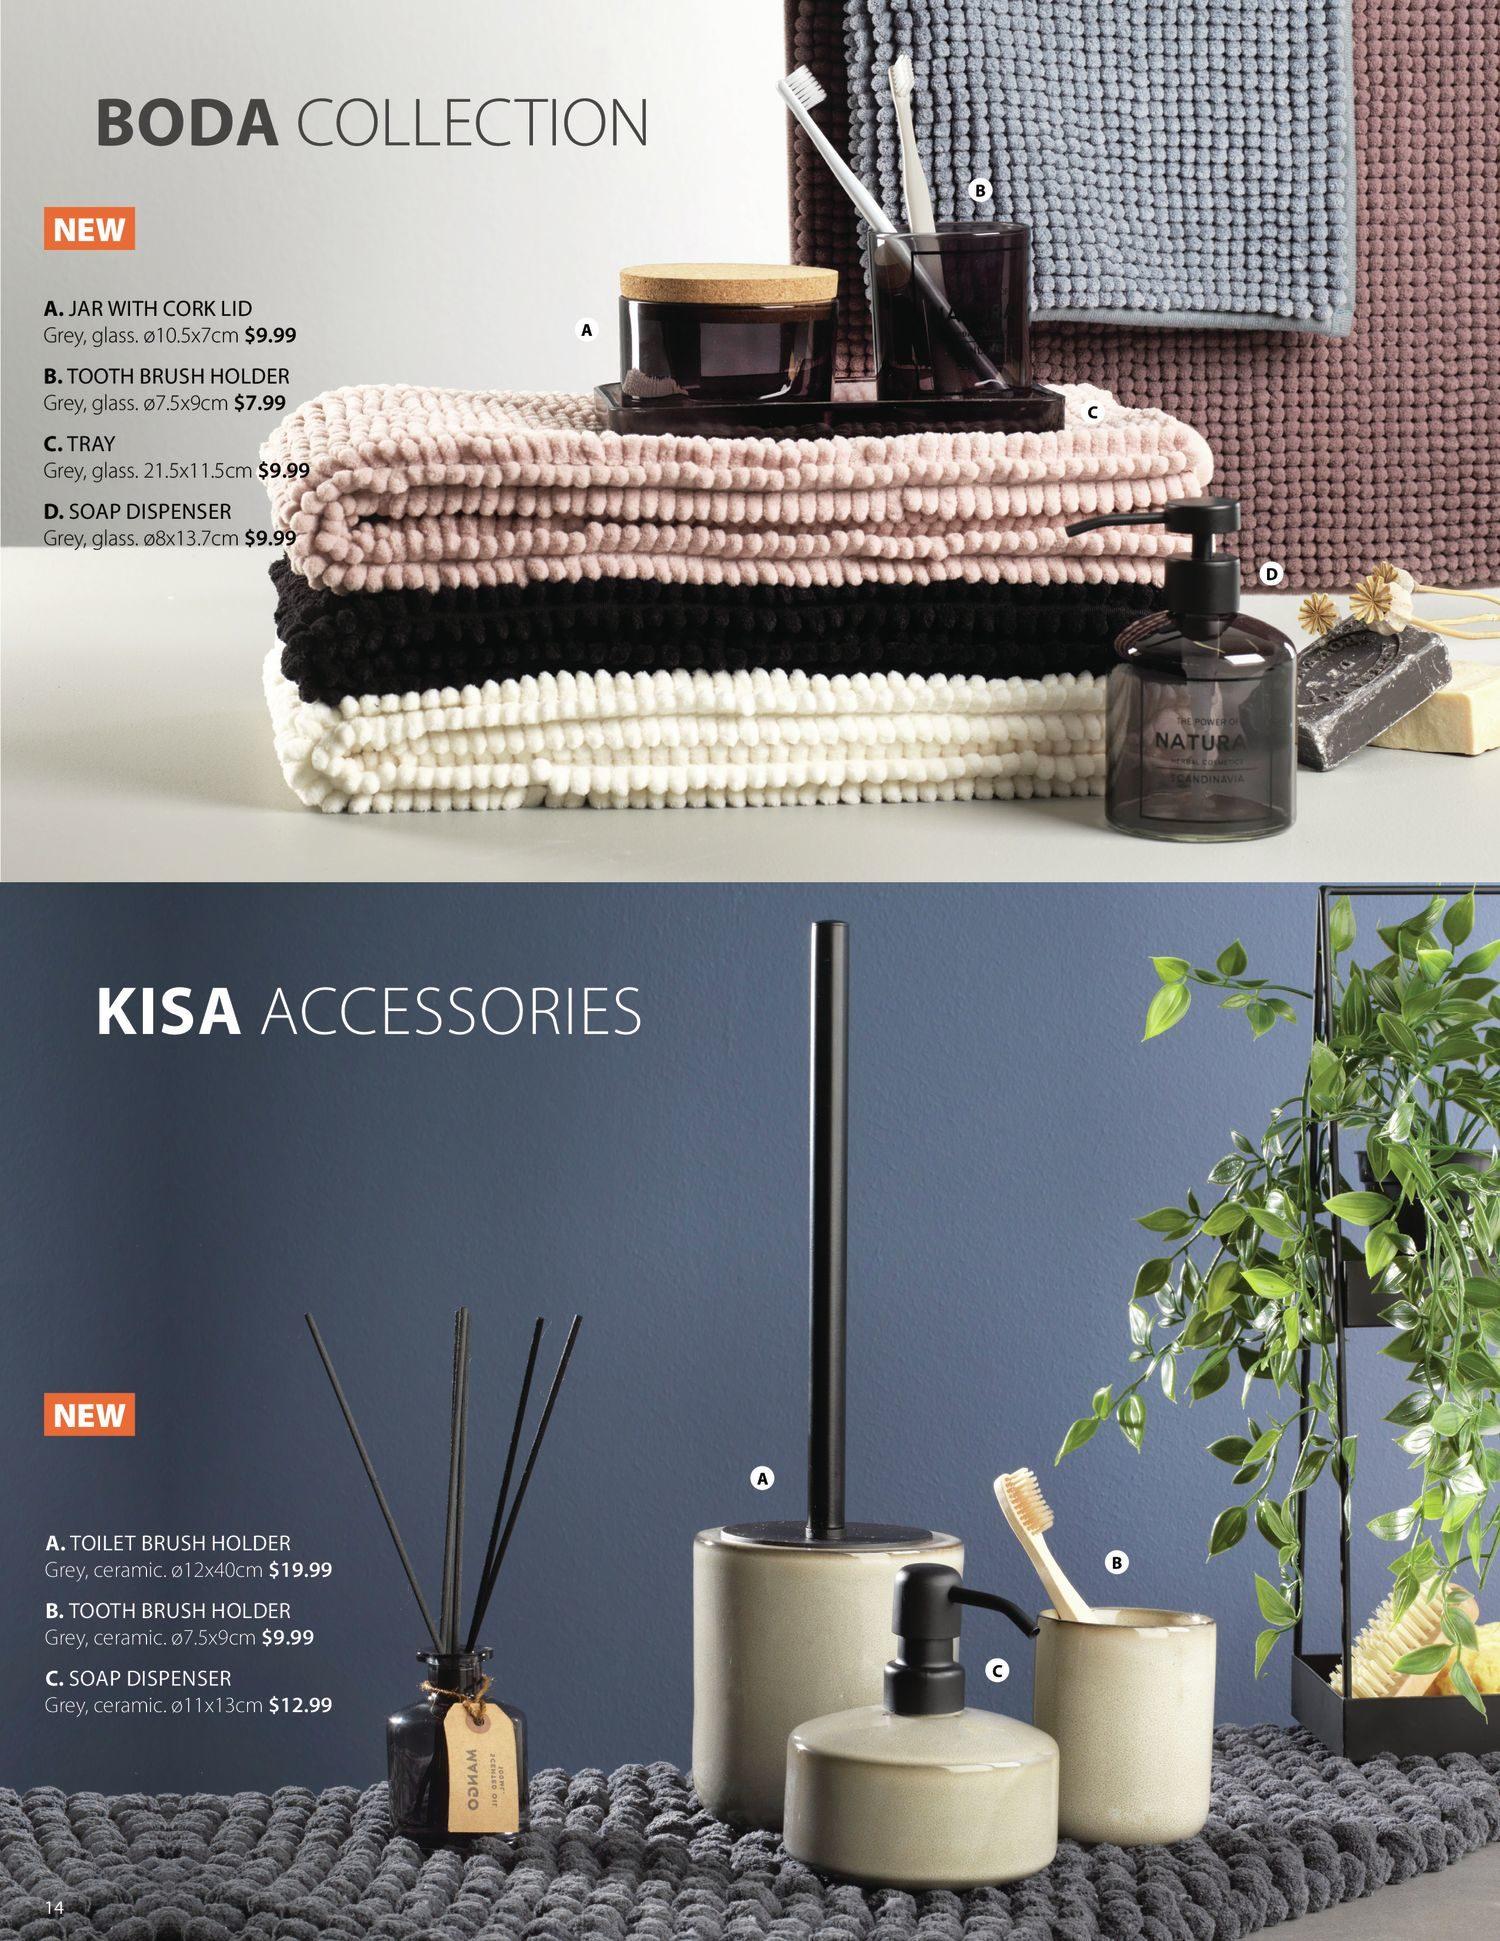 Jysk - Bathroom Accessories Catalogue 2021 - Page 14